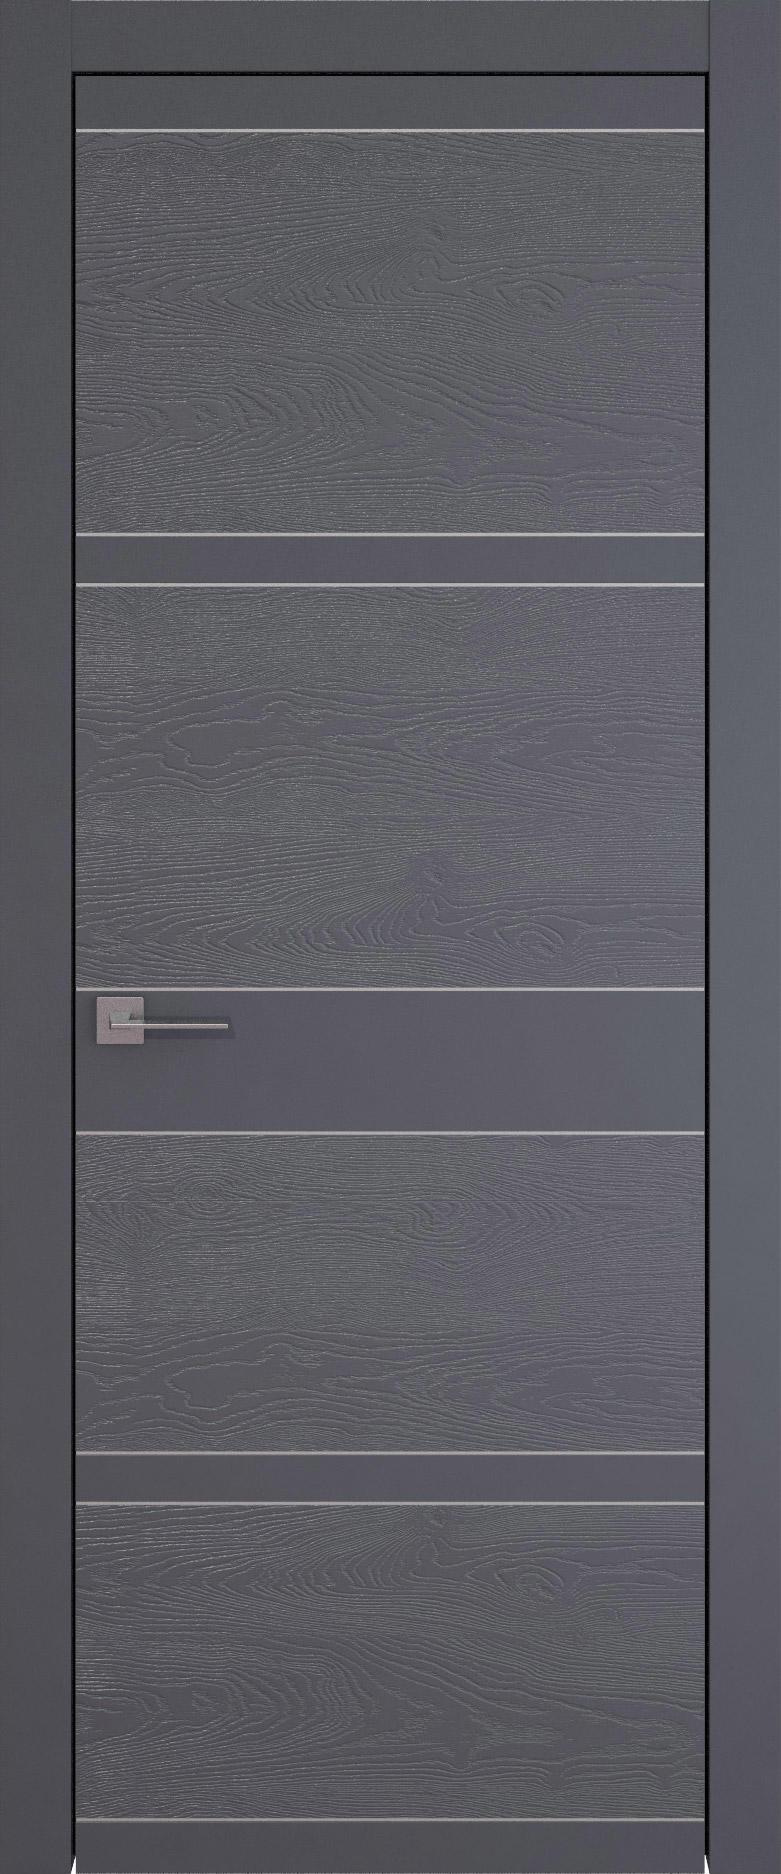 Tivoli Е-2 цвет - Графитово-серая эмаль-эмаль по шпону (RAL 7024) Без стекла (ДГ)